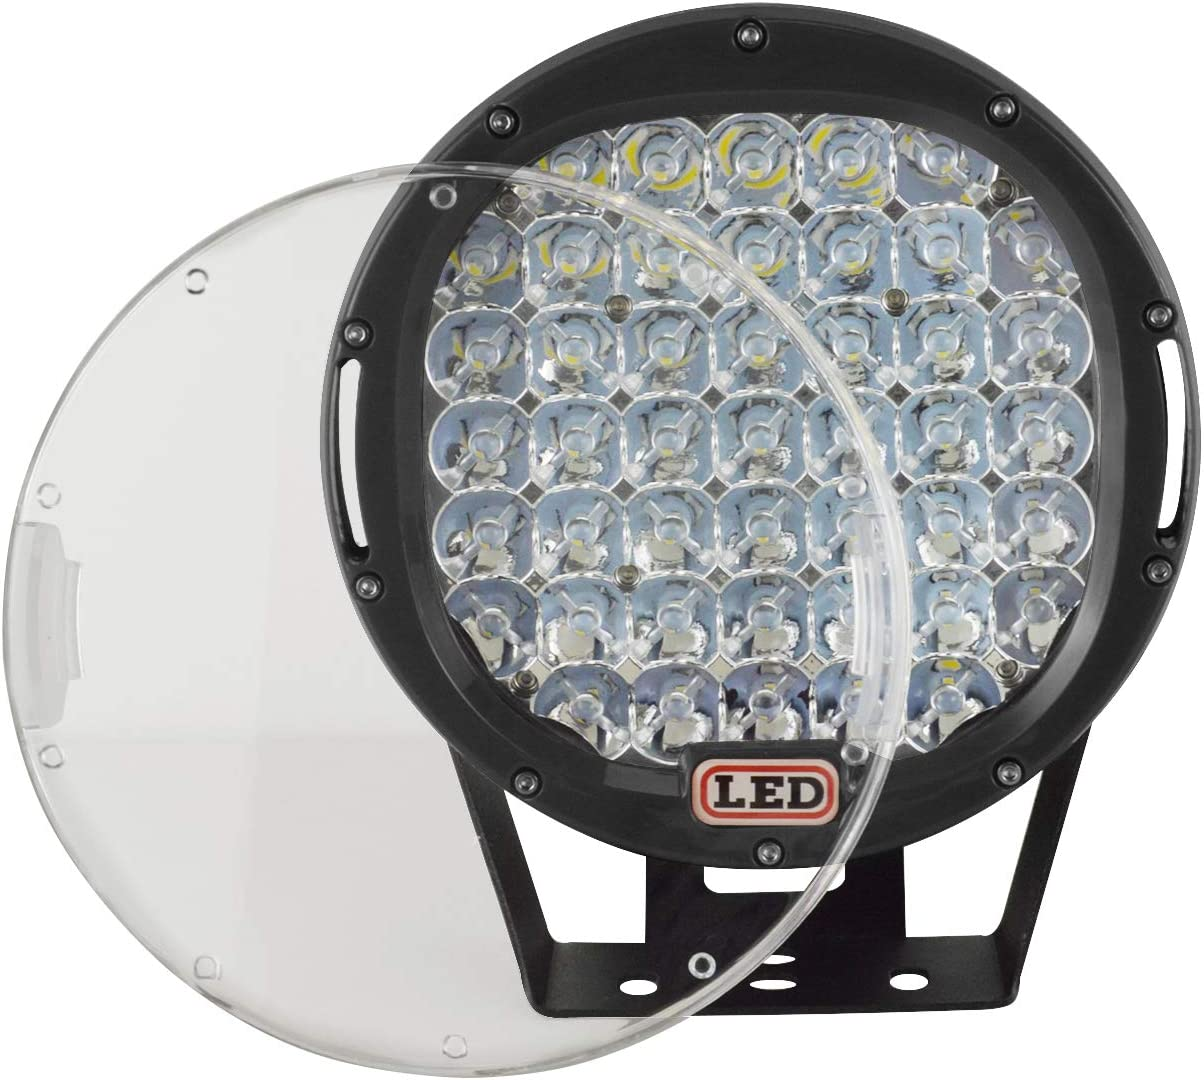 SKYWORLD 9 Zoll 22.86 cm 225W LED Arbeitsscheinwerfer IP67 Wasserdichtes Rundpunkt Flutlicht LED Autolicht f/ür 4x4 Offroad LKW Traktorboot Technikfahrzeuge 12V 24V Rot